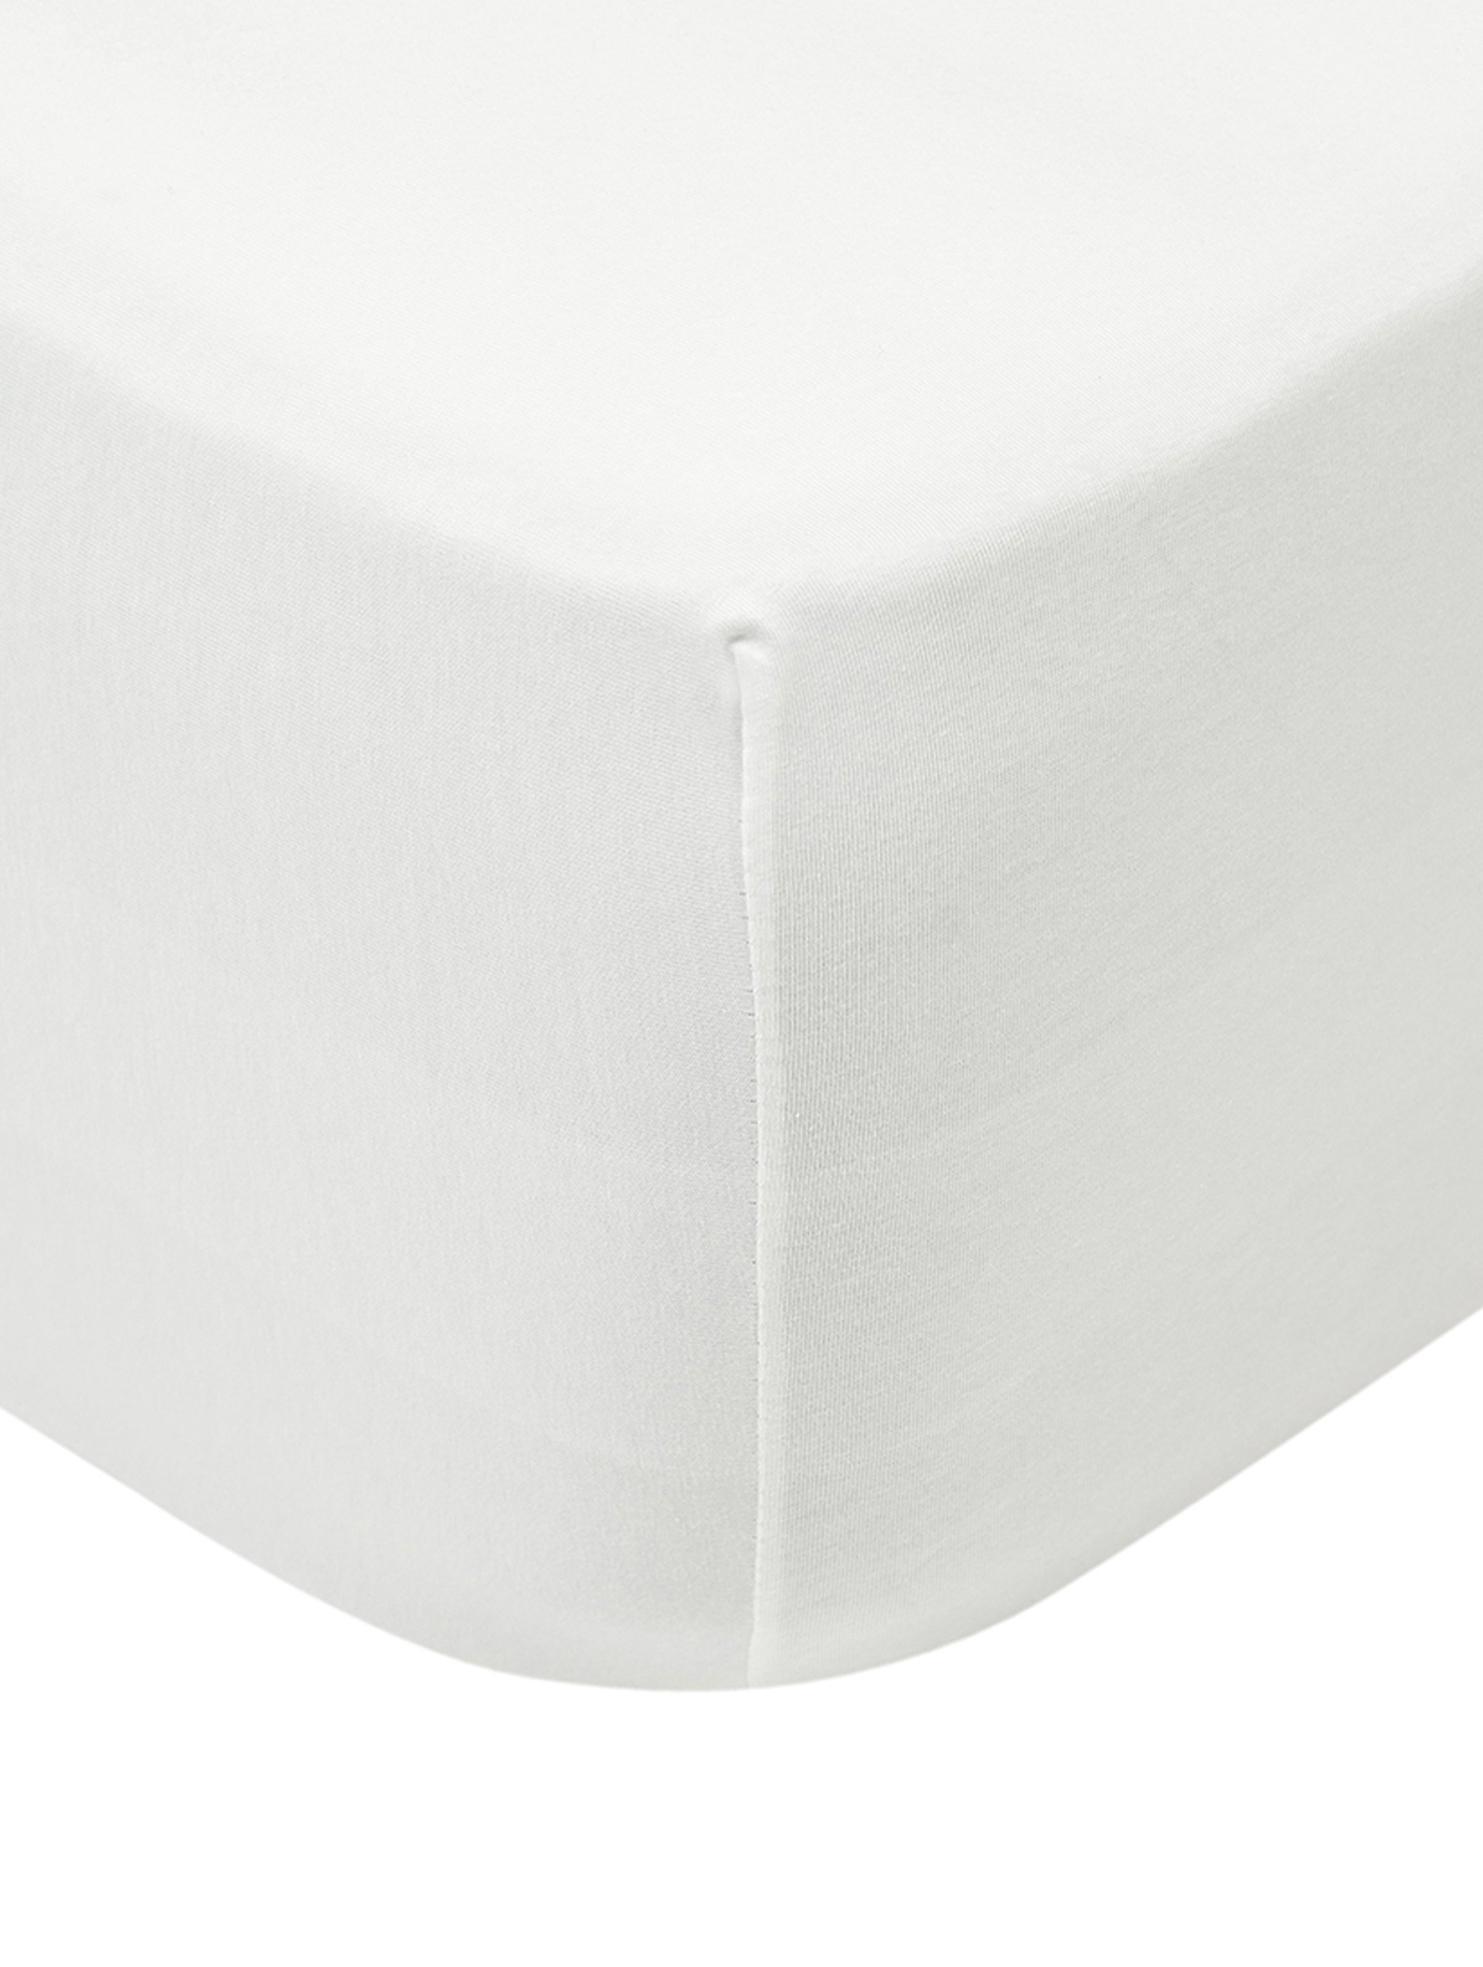 Prześcieradło na łóżko kontynentalne z gumką z jerseyu Lara, 95% bawełna, 5% elastan, Odcienie kremowego, S 90-100 x D 200 cm